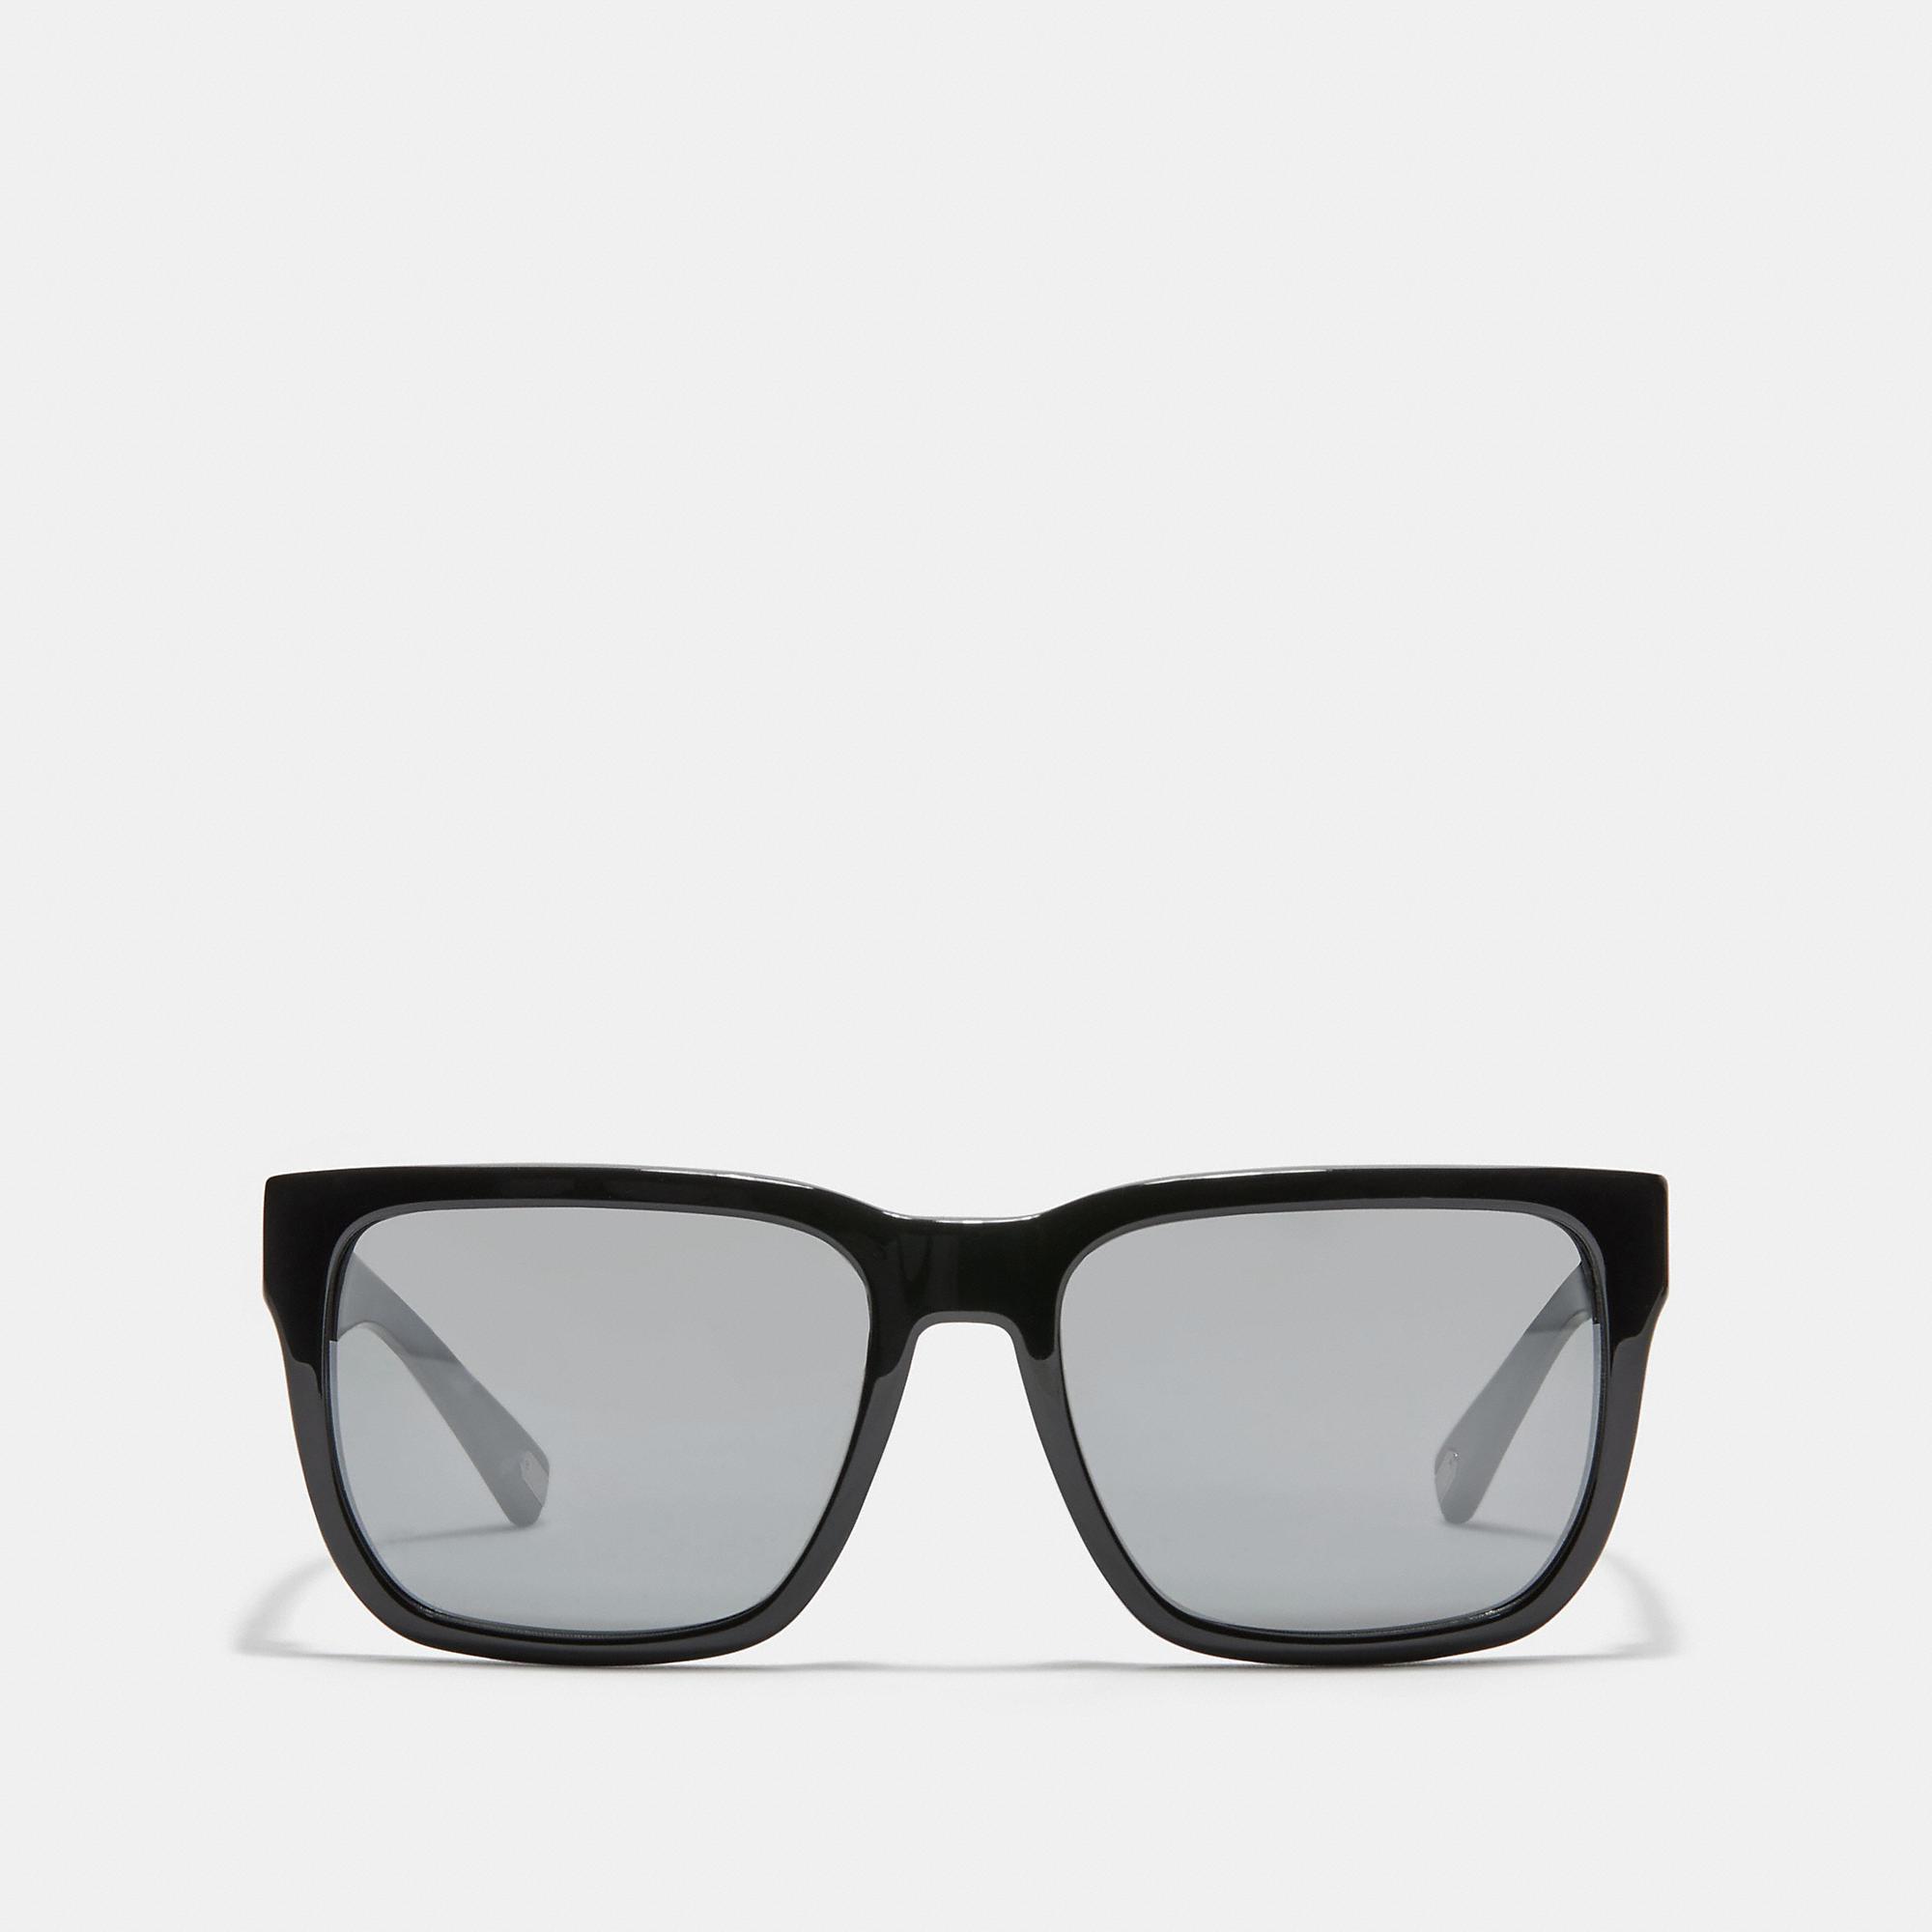 3d74e4f732ffc Lyst - COACH Ian Signature Square Sunglasses in Black for Men